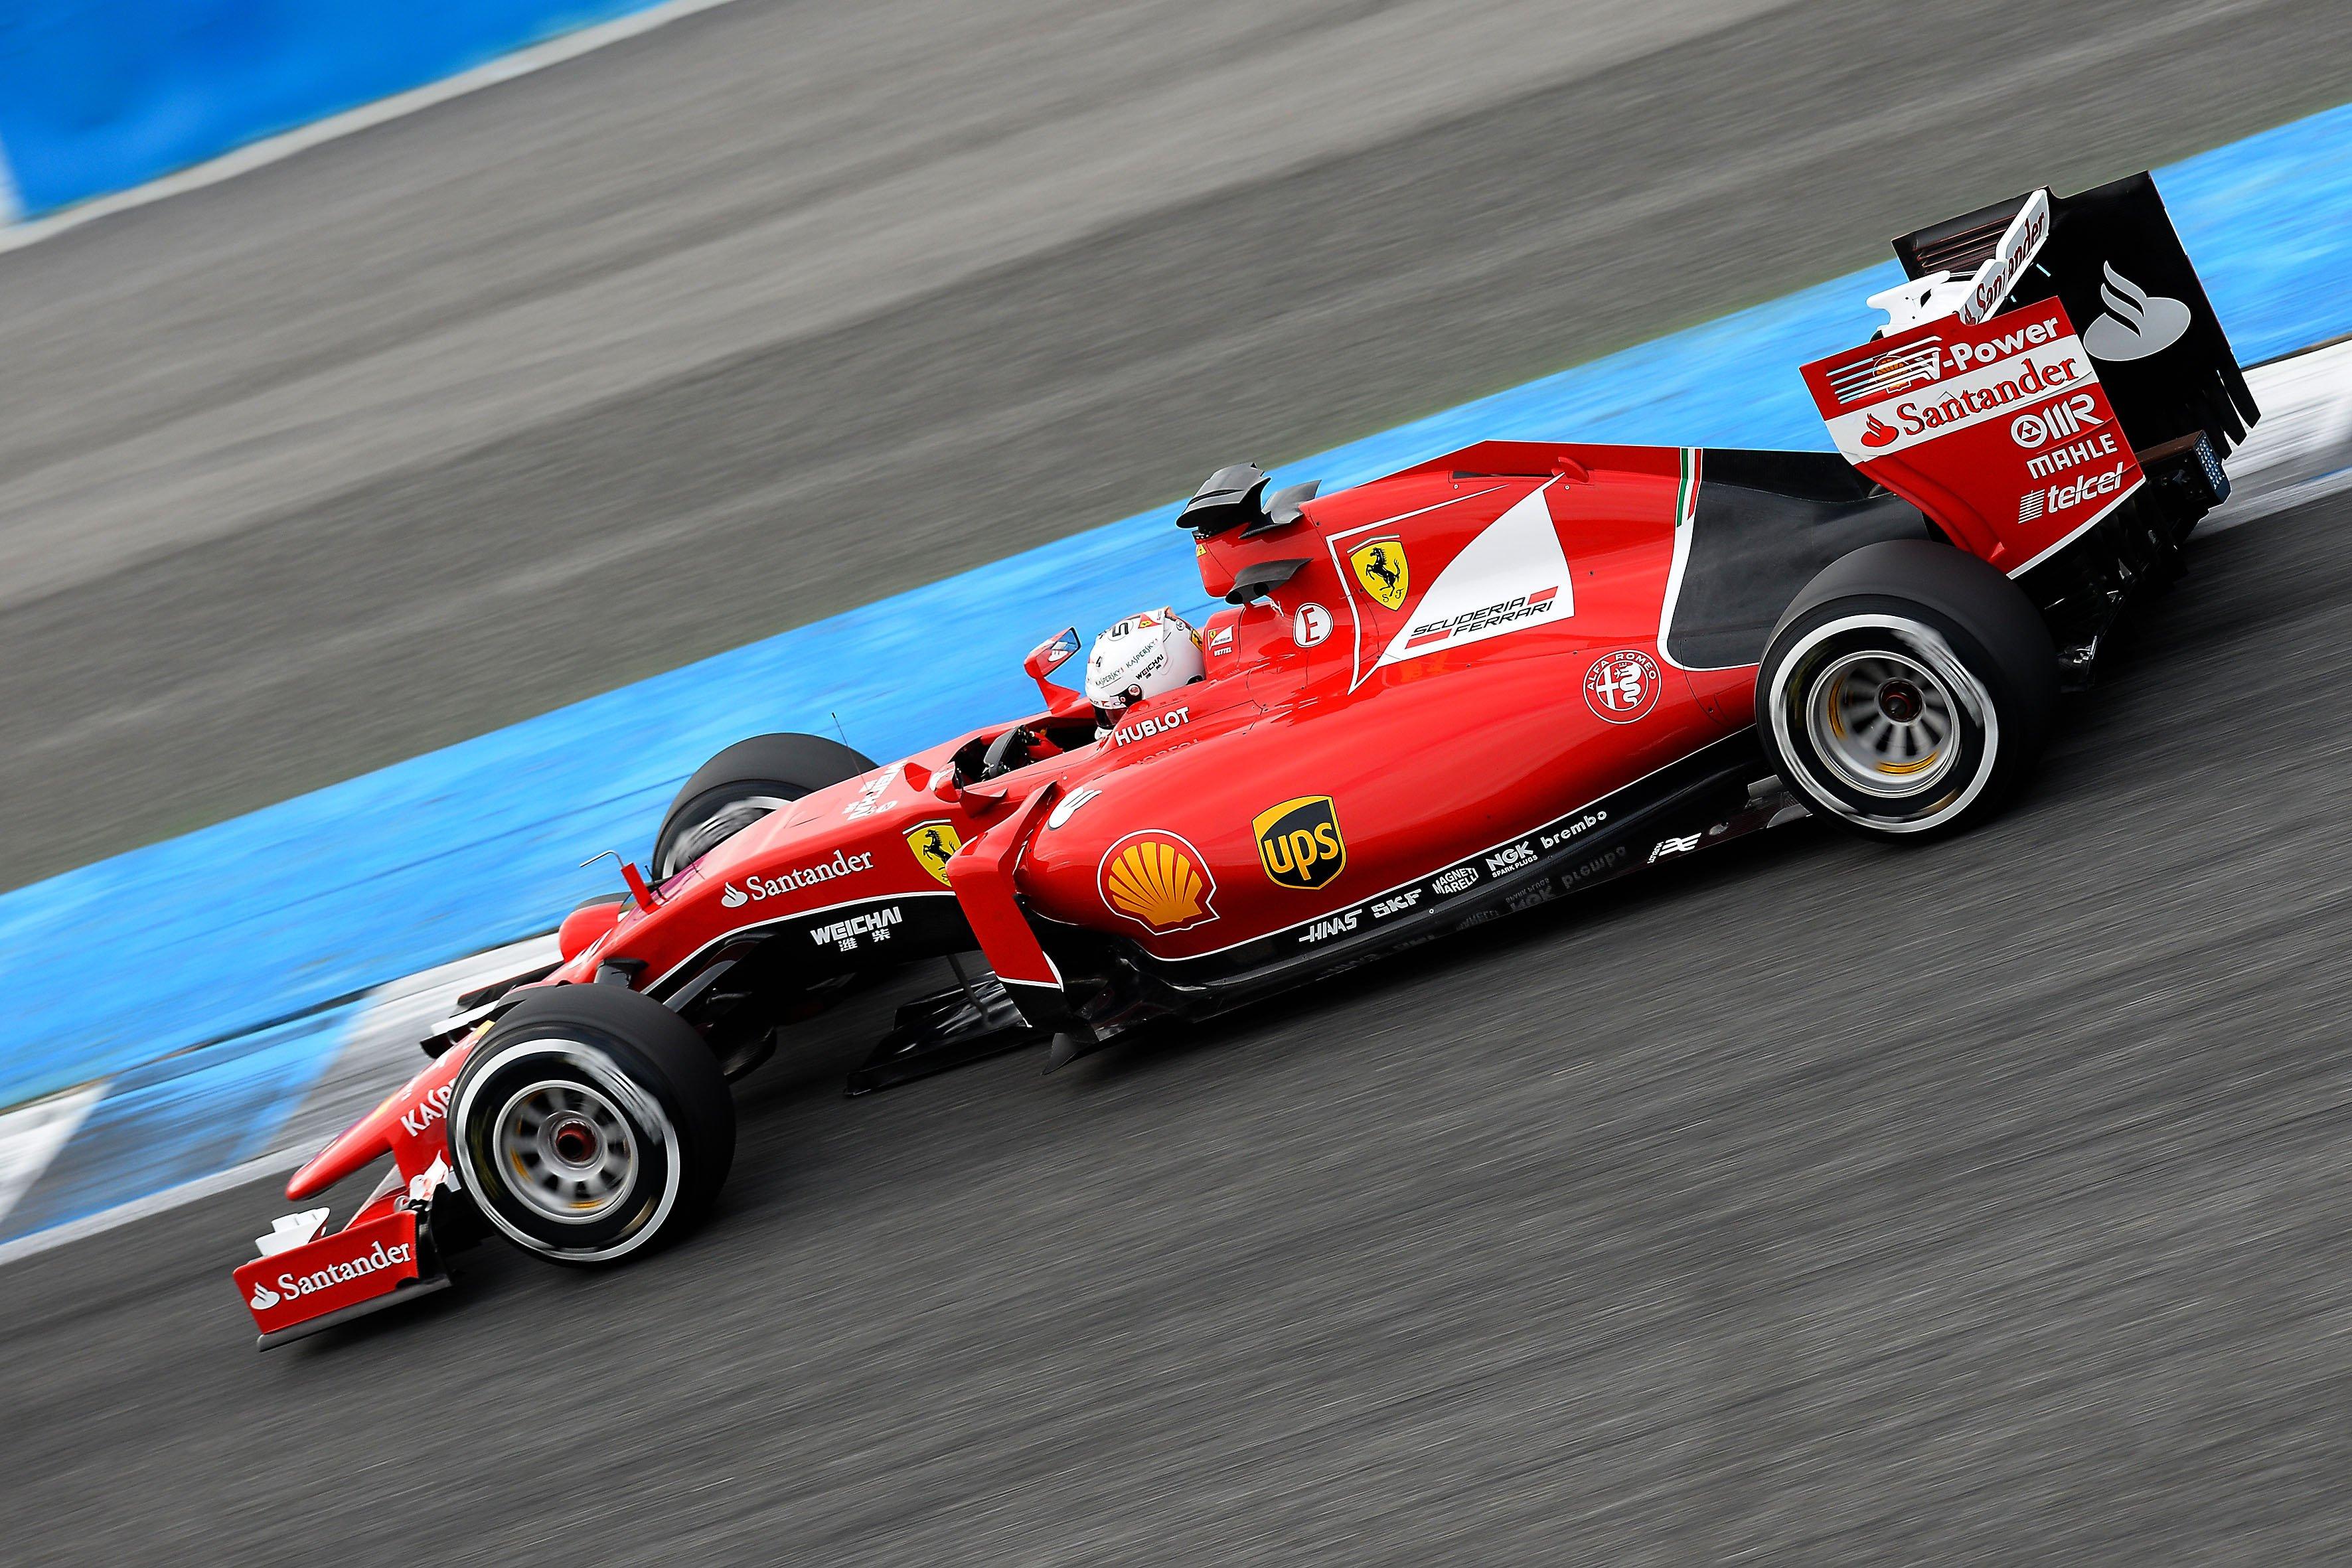 Formula 1 Wallpaper 2015 14